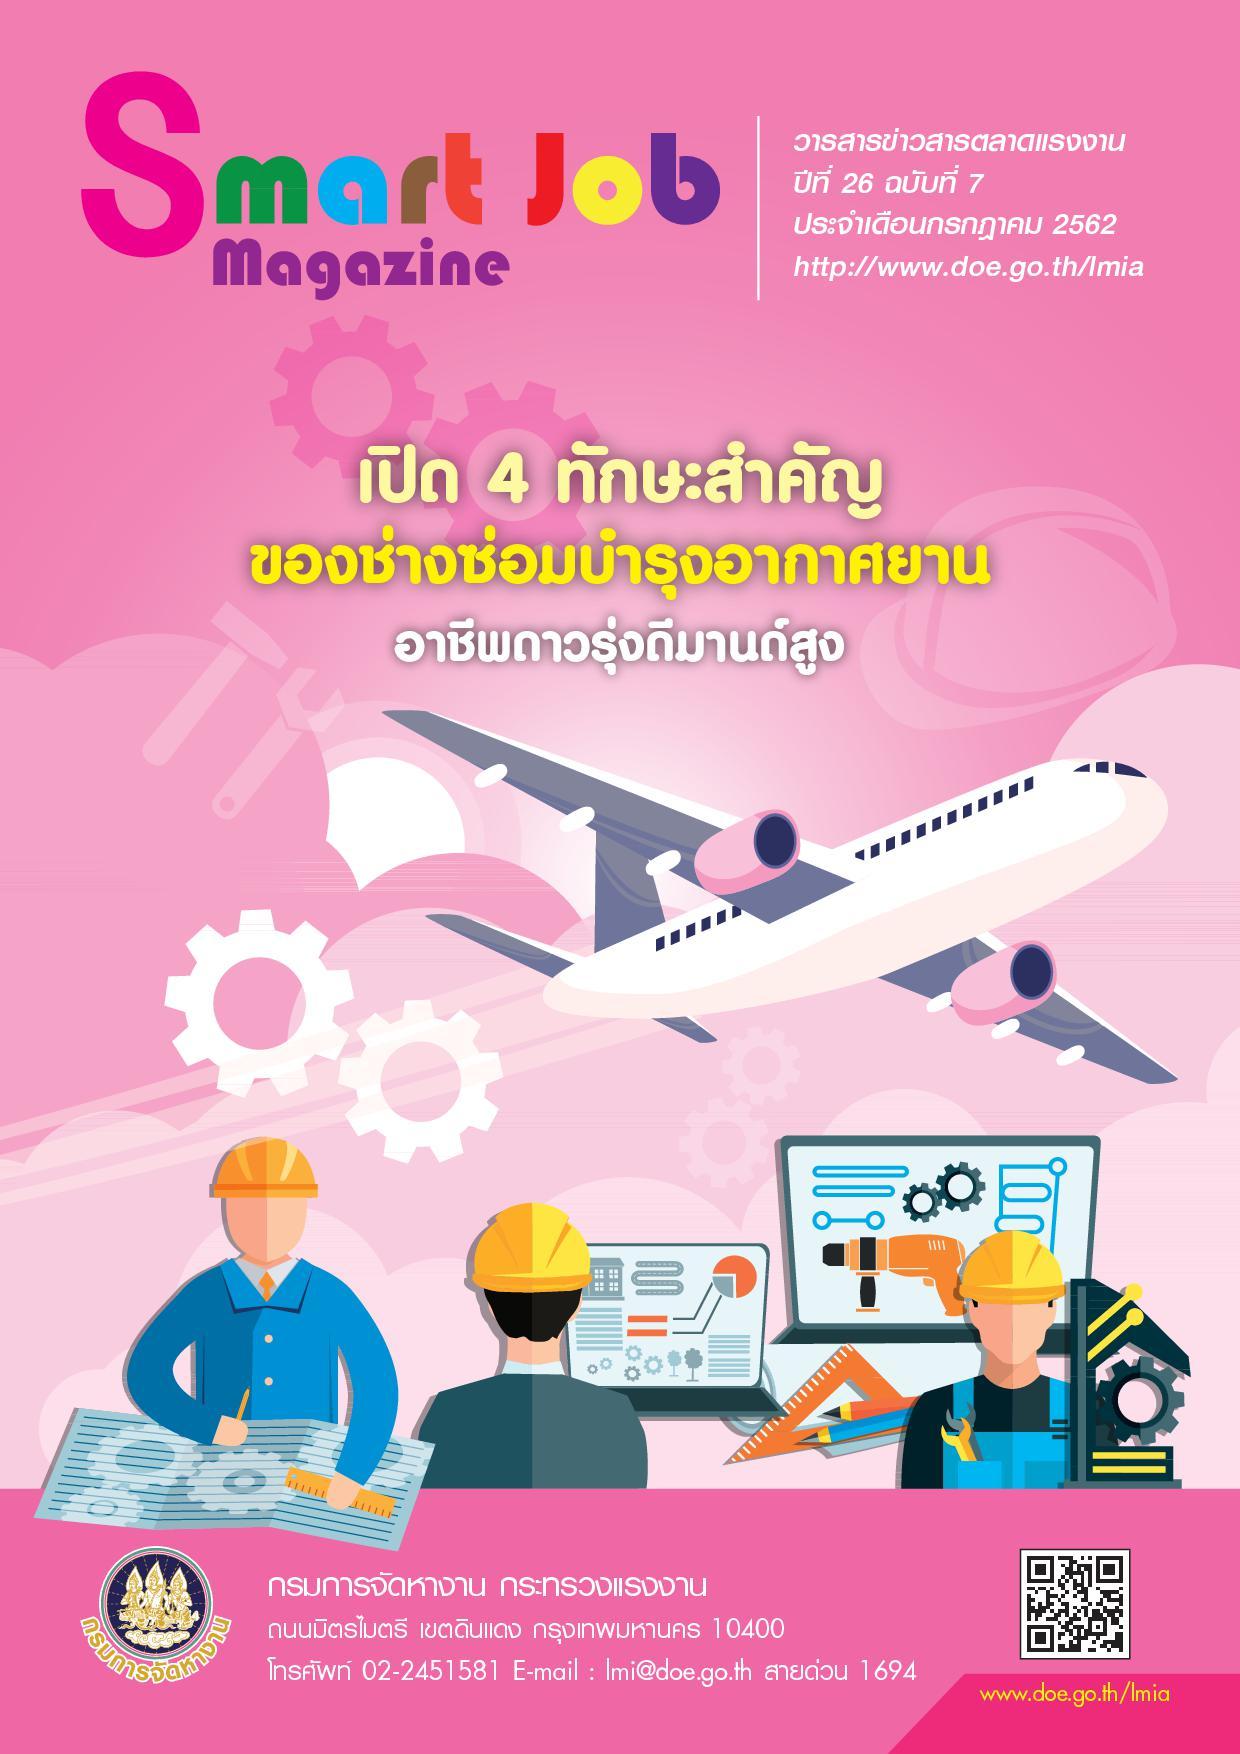 วารสารข่าวสารตลาดแรงงาน ปีที่ 25 ฉบับที่ 5 เดือนกรกฎาคม 2562